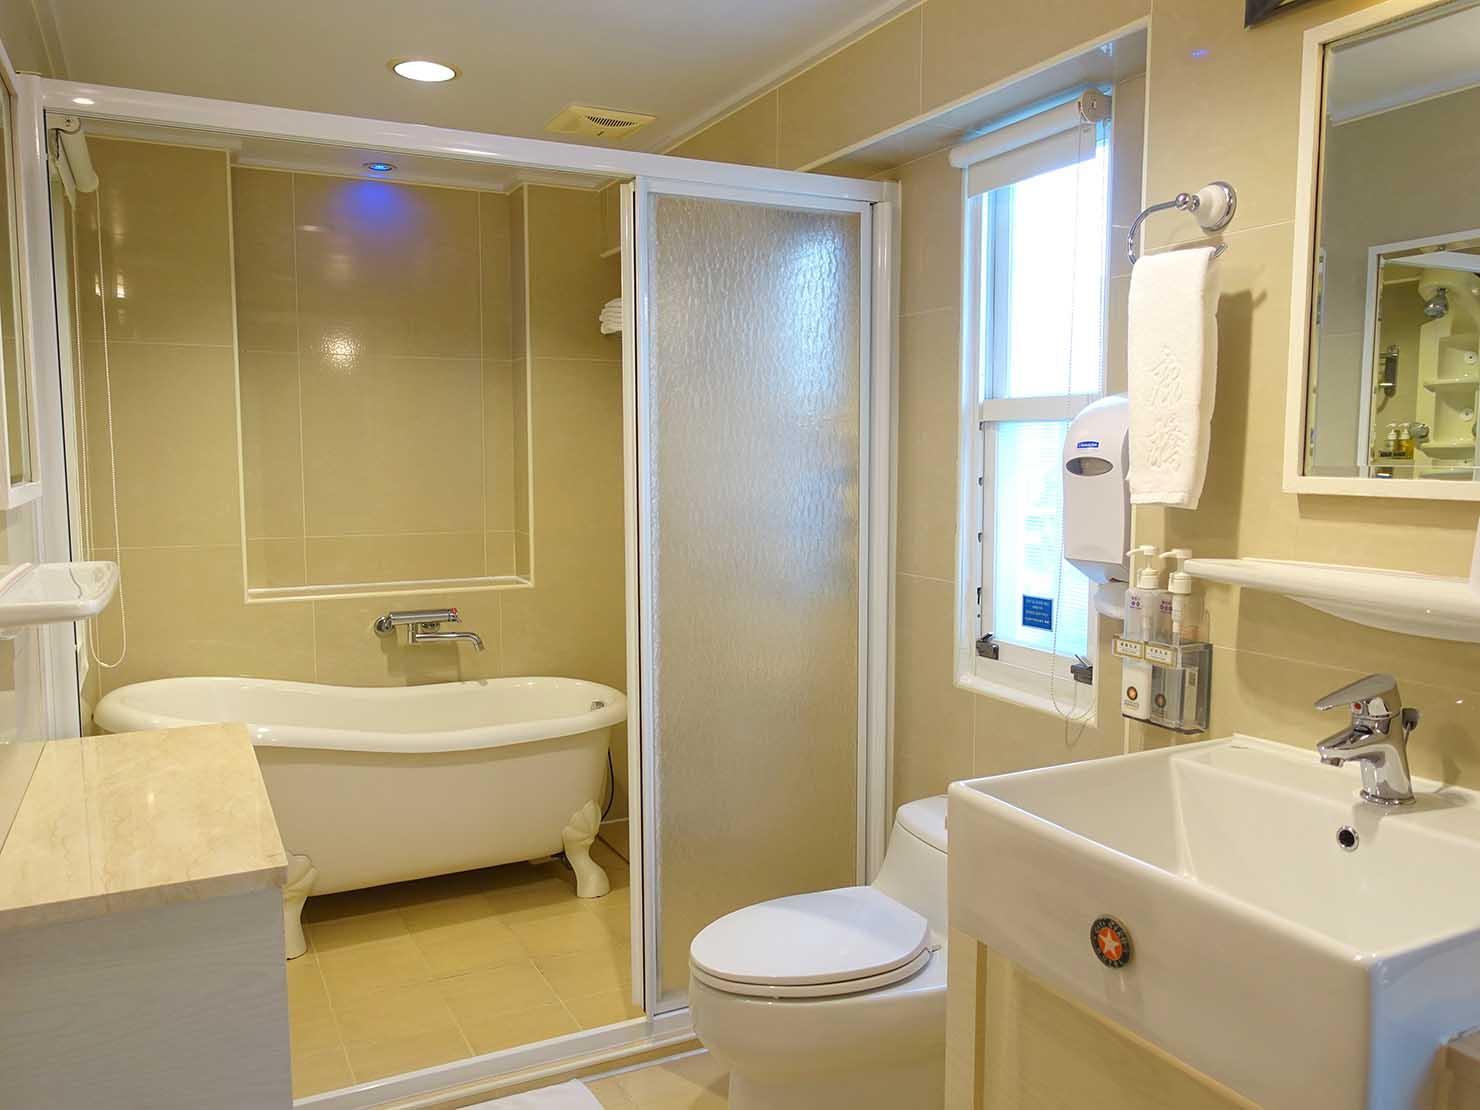 高雄のおすすめチェーンホテル「康橋商旅 Kindness Hotel(漢神館)」豪華雙人房のバスルーム